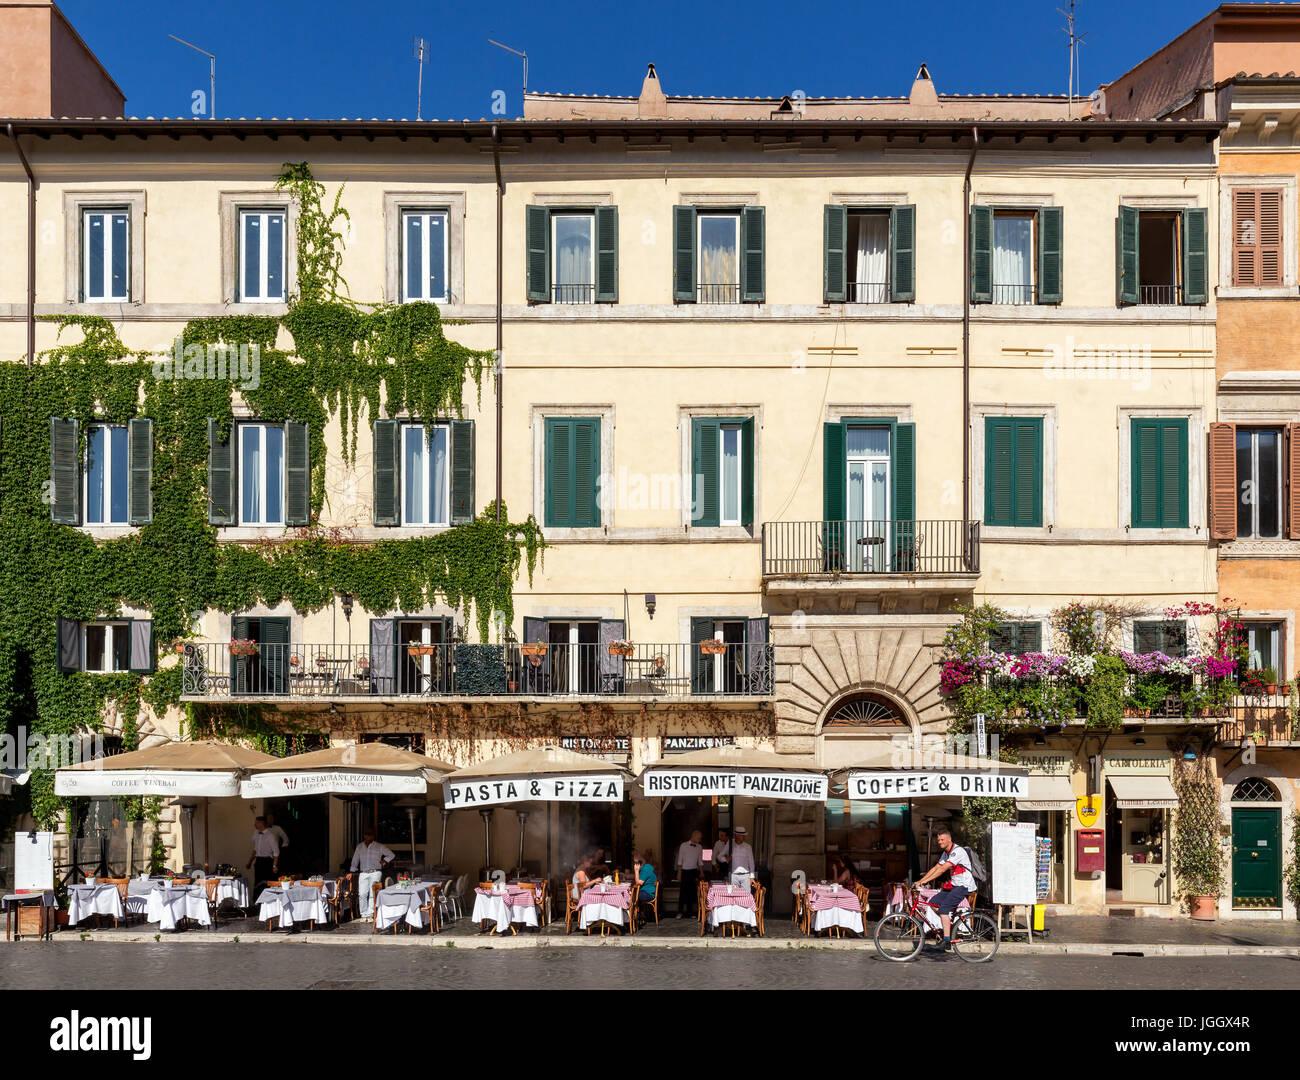 Restaurant Panzirone, Piazza Navona, Rome, Latium, Italie Photo Stock